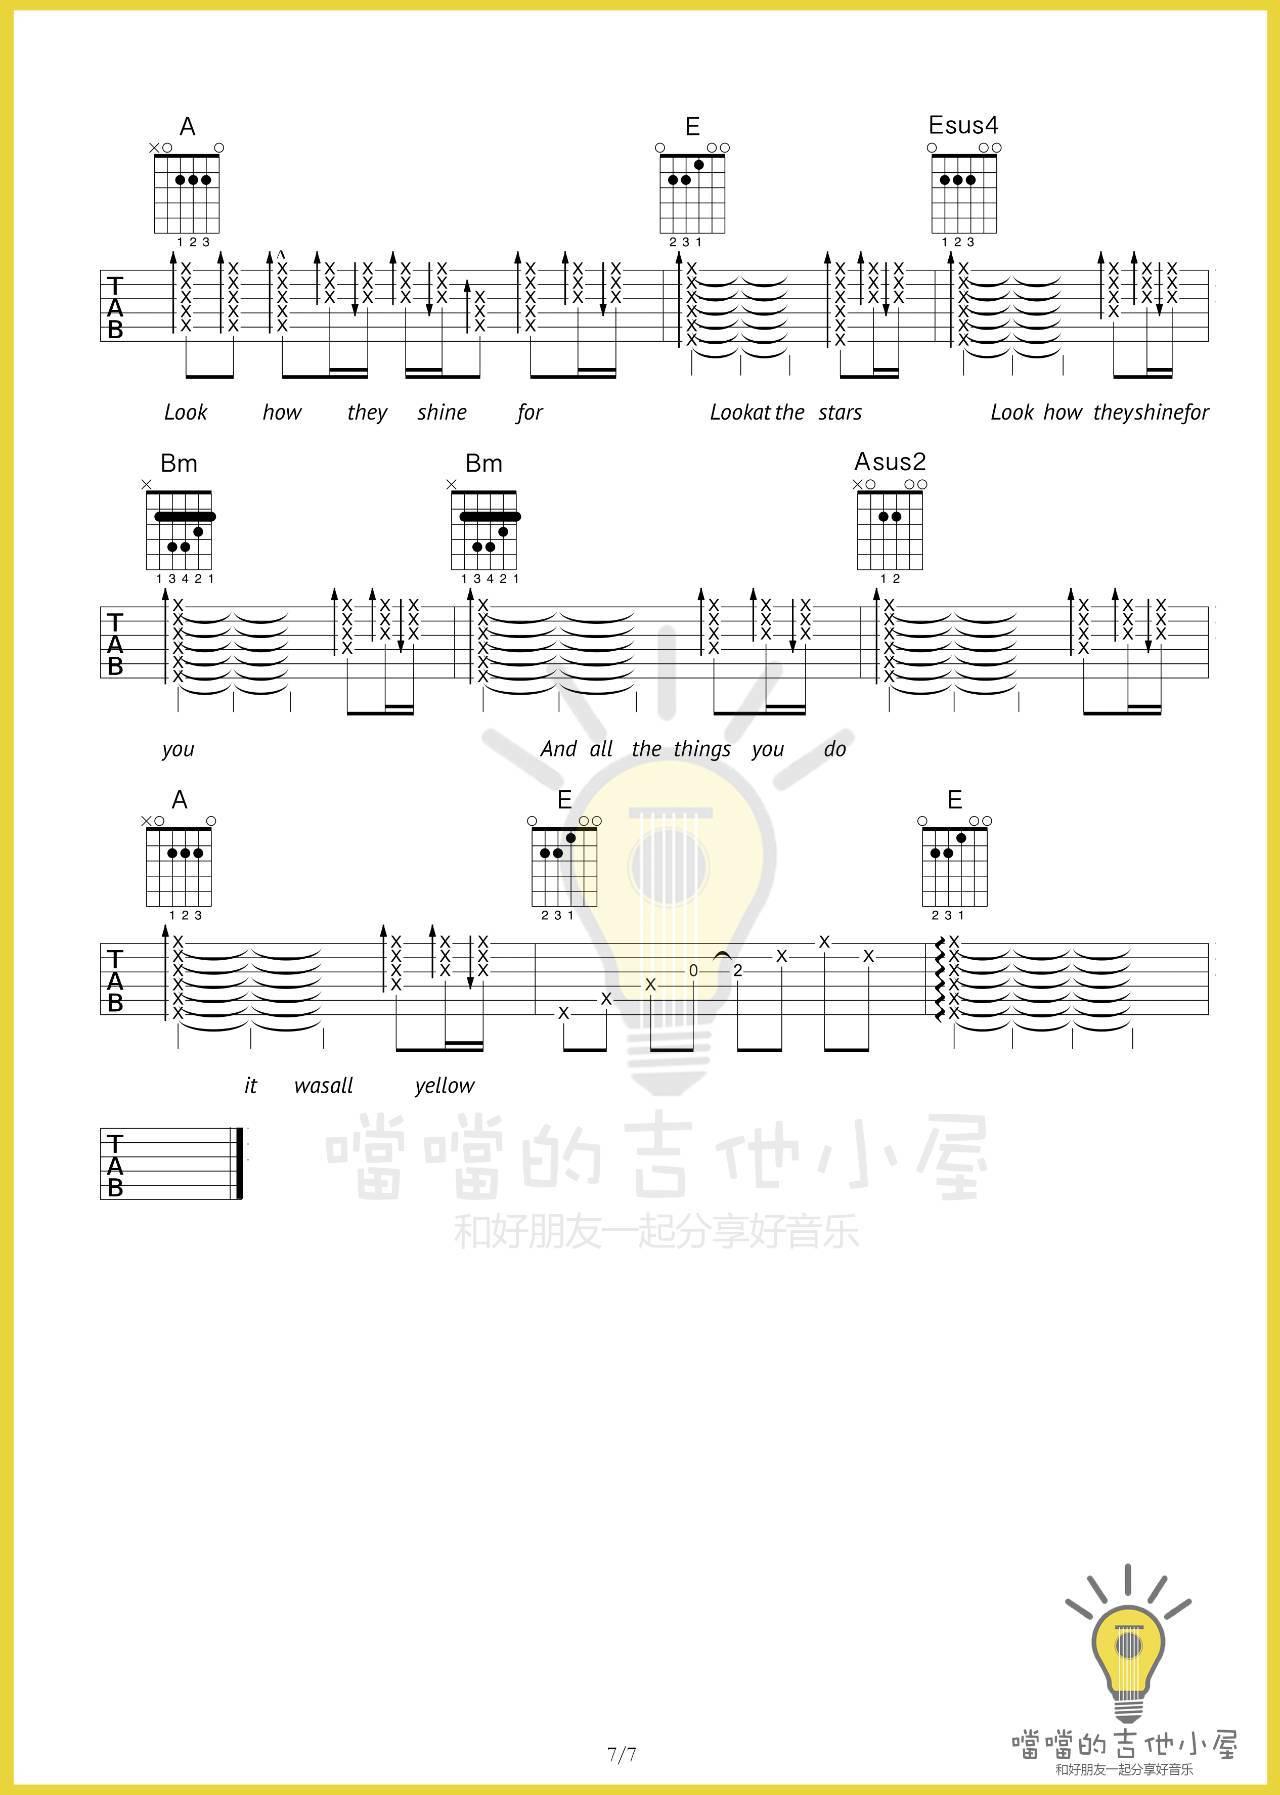 吉他派《Yellow》吉他谱-7